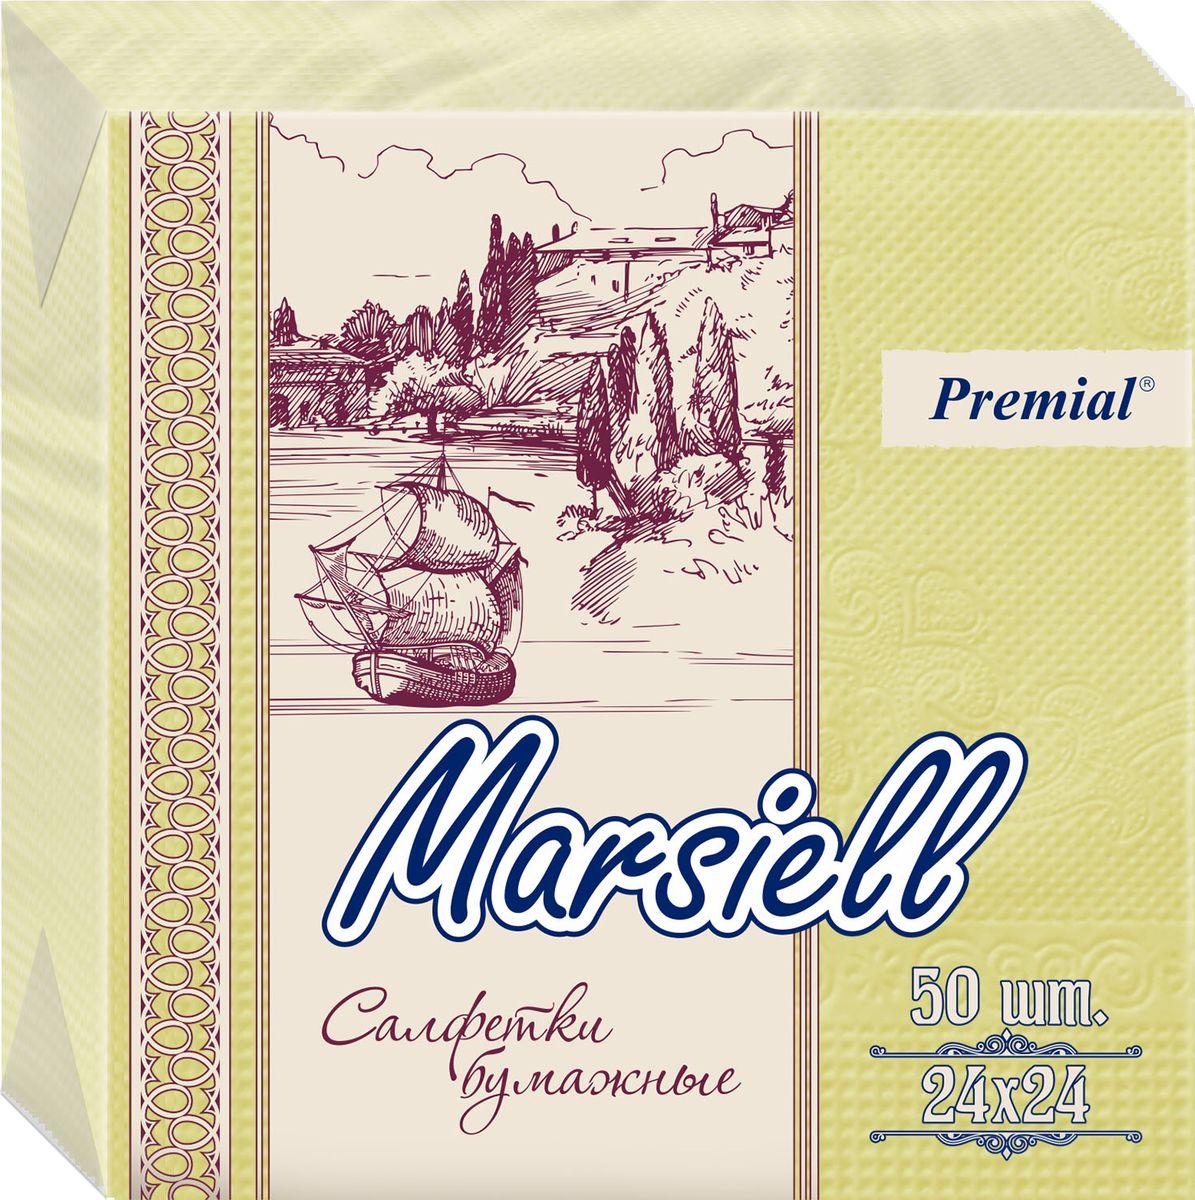 Premial Marsiel Салфетки декоративные двухслойные, цвет: желтый, 50 шт